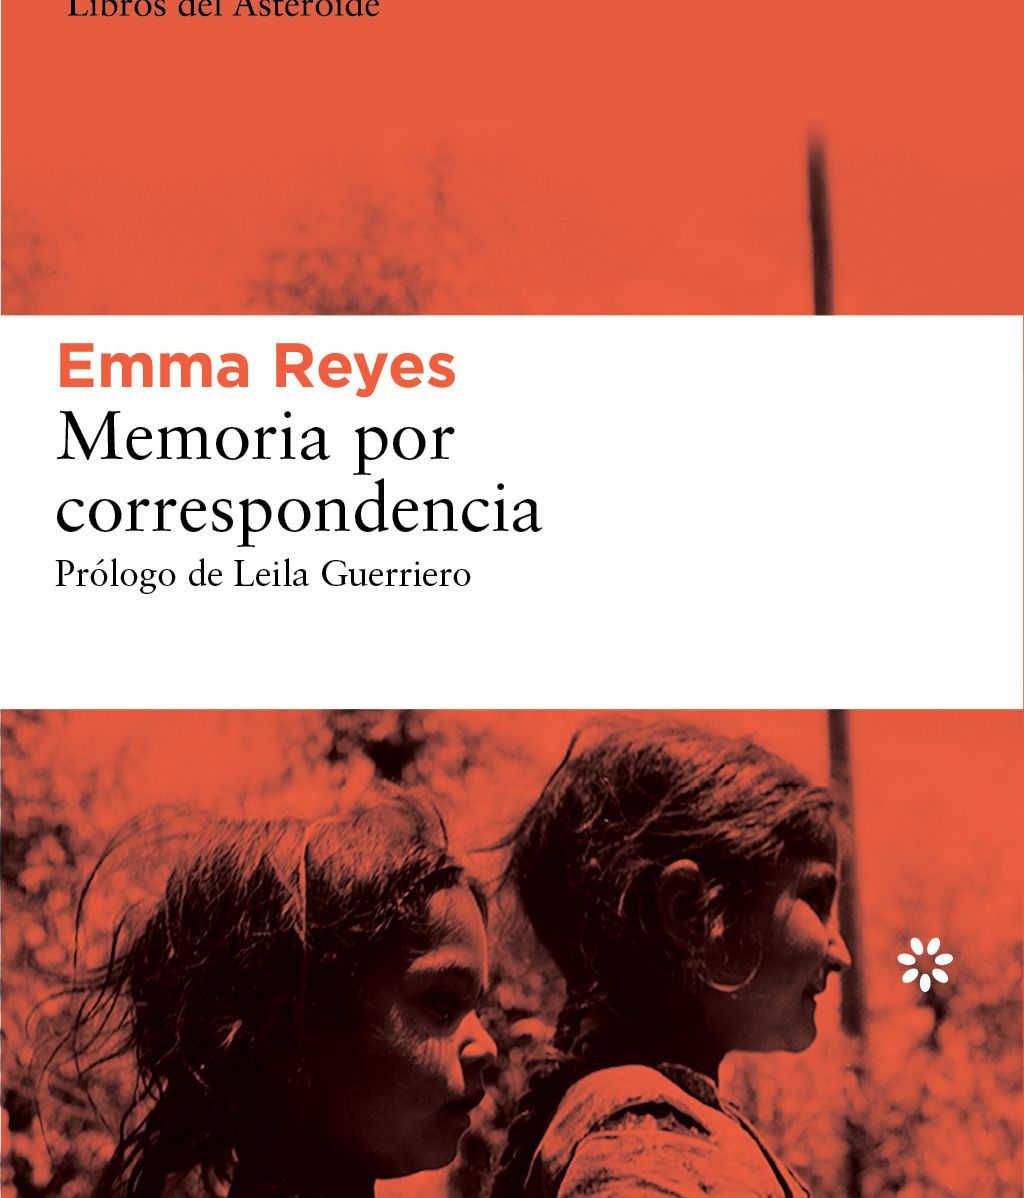 Emma Reyes, Germán Arciniegas, Gabriel García Márquez, Memorias por correspondencia,